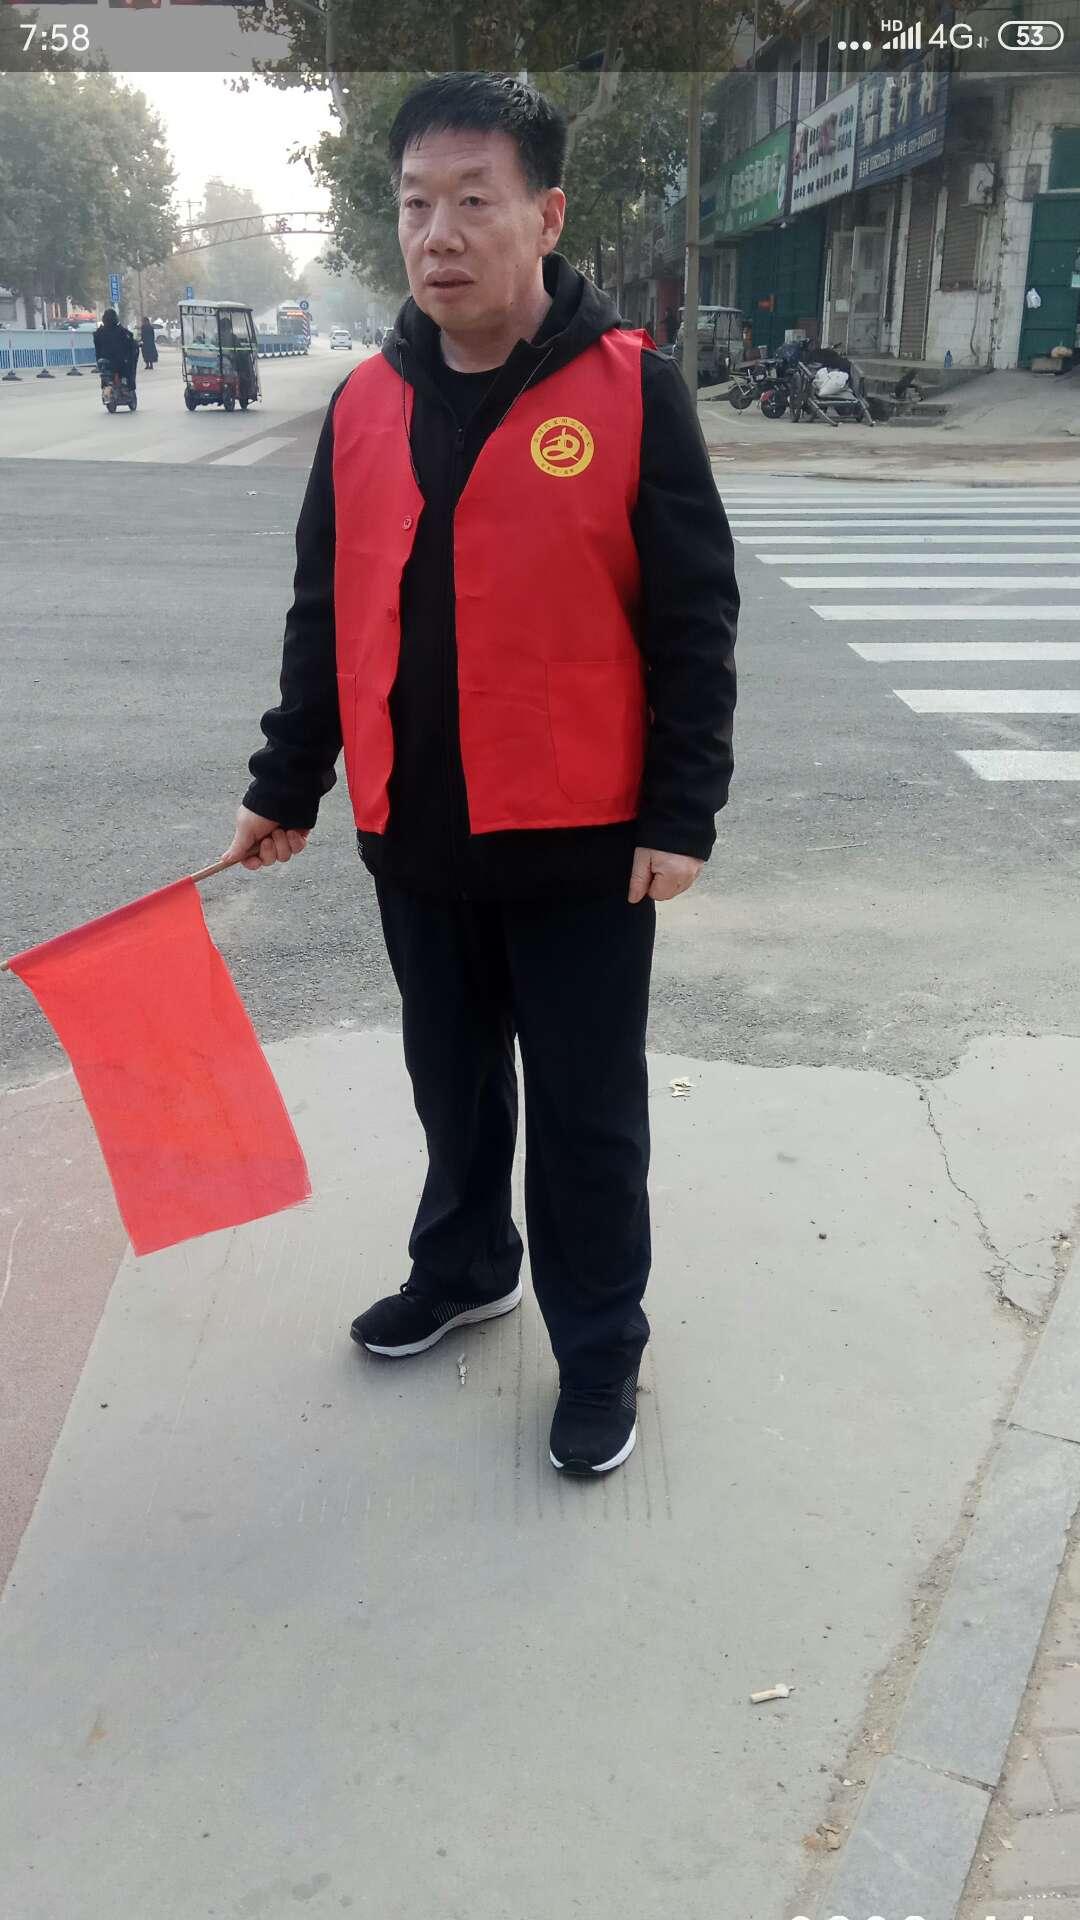 高邑县直各部门积极投入县城常态化管理,整顿交通秩序,美化净化县城